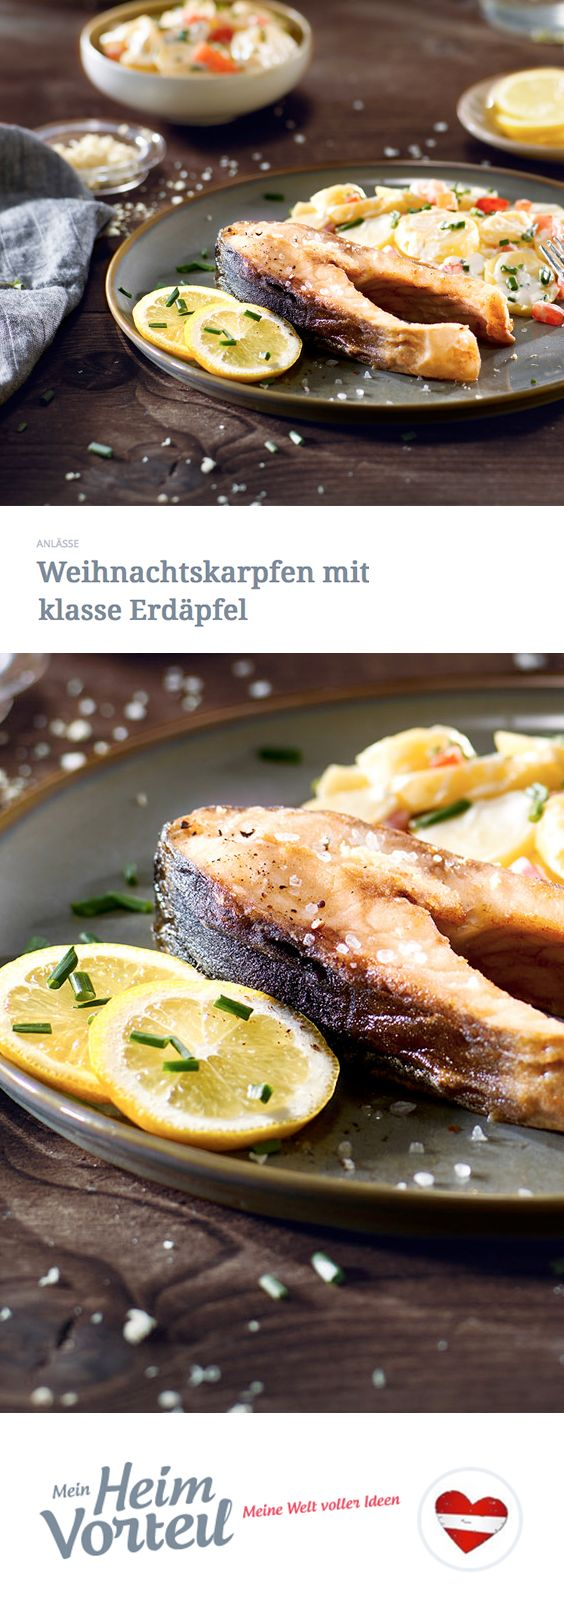 Karpfen ist selten geworden in unseren Küchen – vollkommen zu Unrecht, wie wir finden. Du auch? Dann haben wir hier ein tolles, einfaches Rezept dieses klassischen Weihnachtsfisches für dich und drei weitere Freunde. #christmas #weihnachten #hauptspeise #food #rezept #recipe #fisch #fish #karpfen #kartoffelsalat #zitrone #citrus